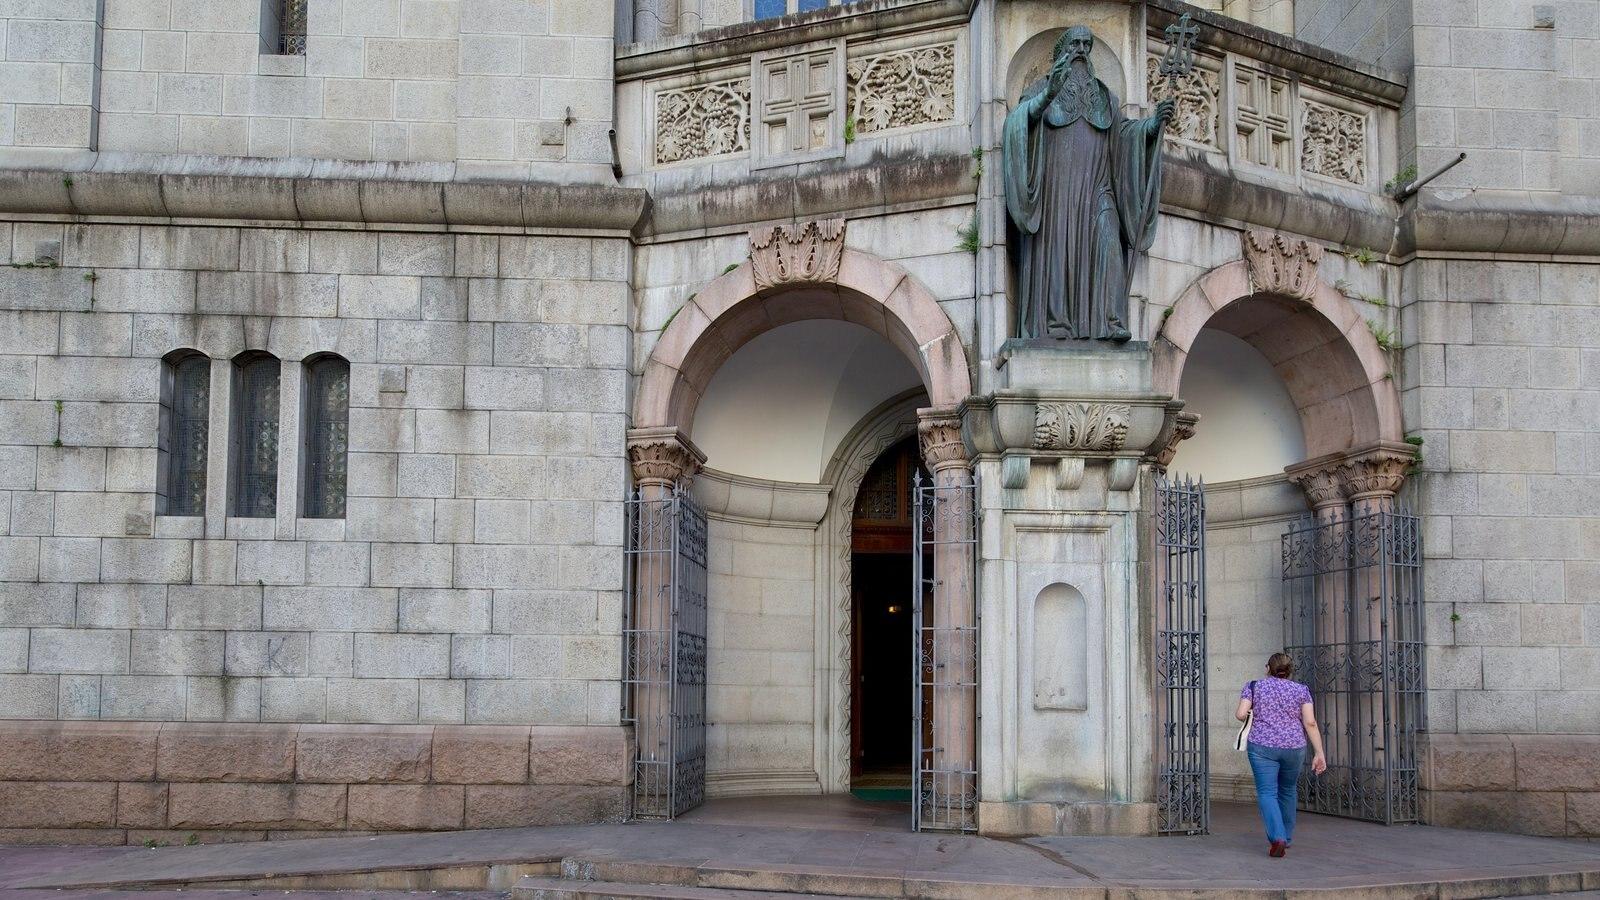 Mosteiro de São Bento caracterizando uma igreja ou catedral, elementos religiosos e cenas de rua